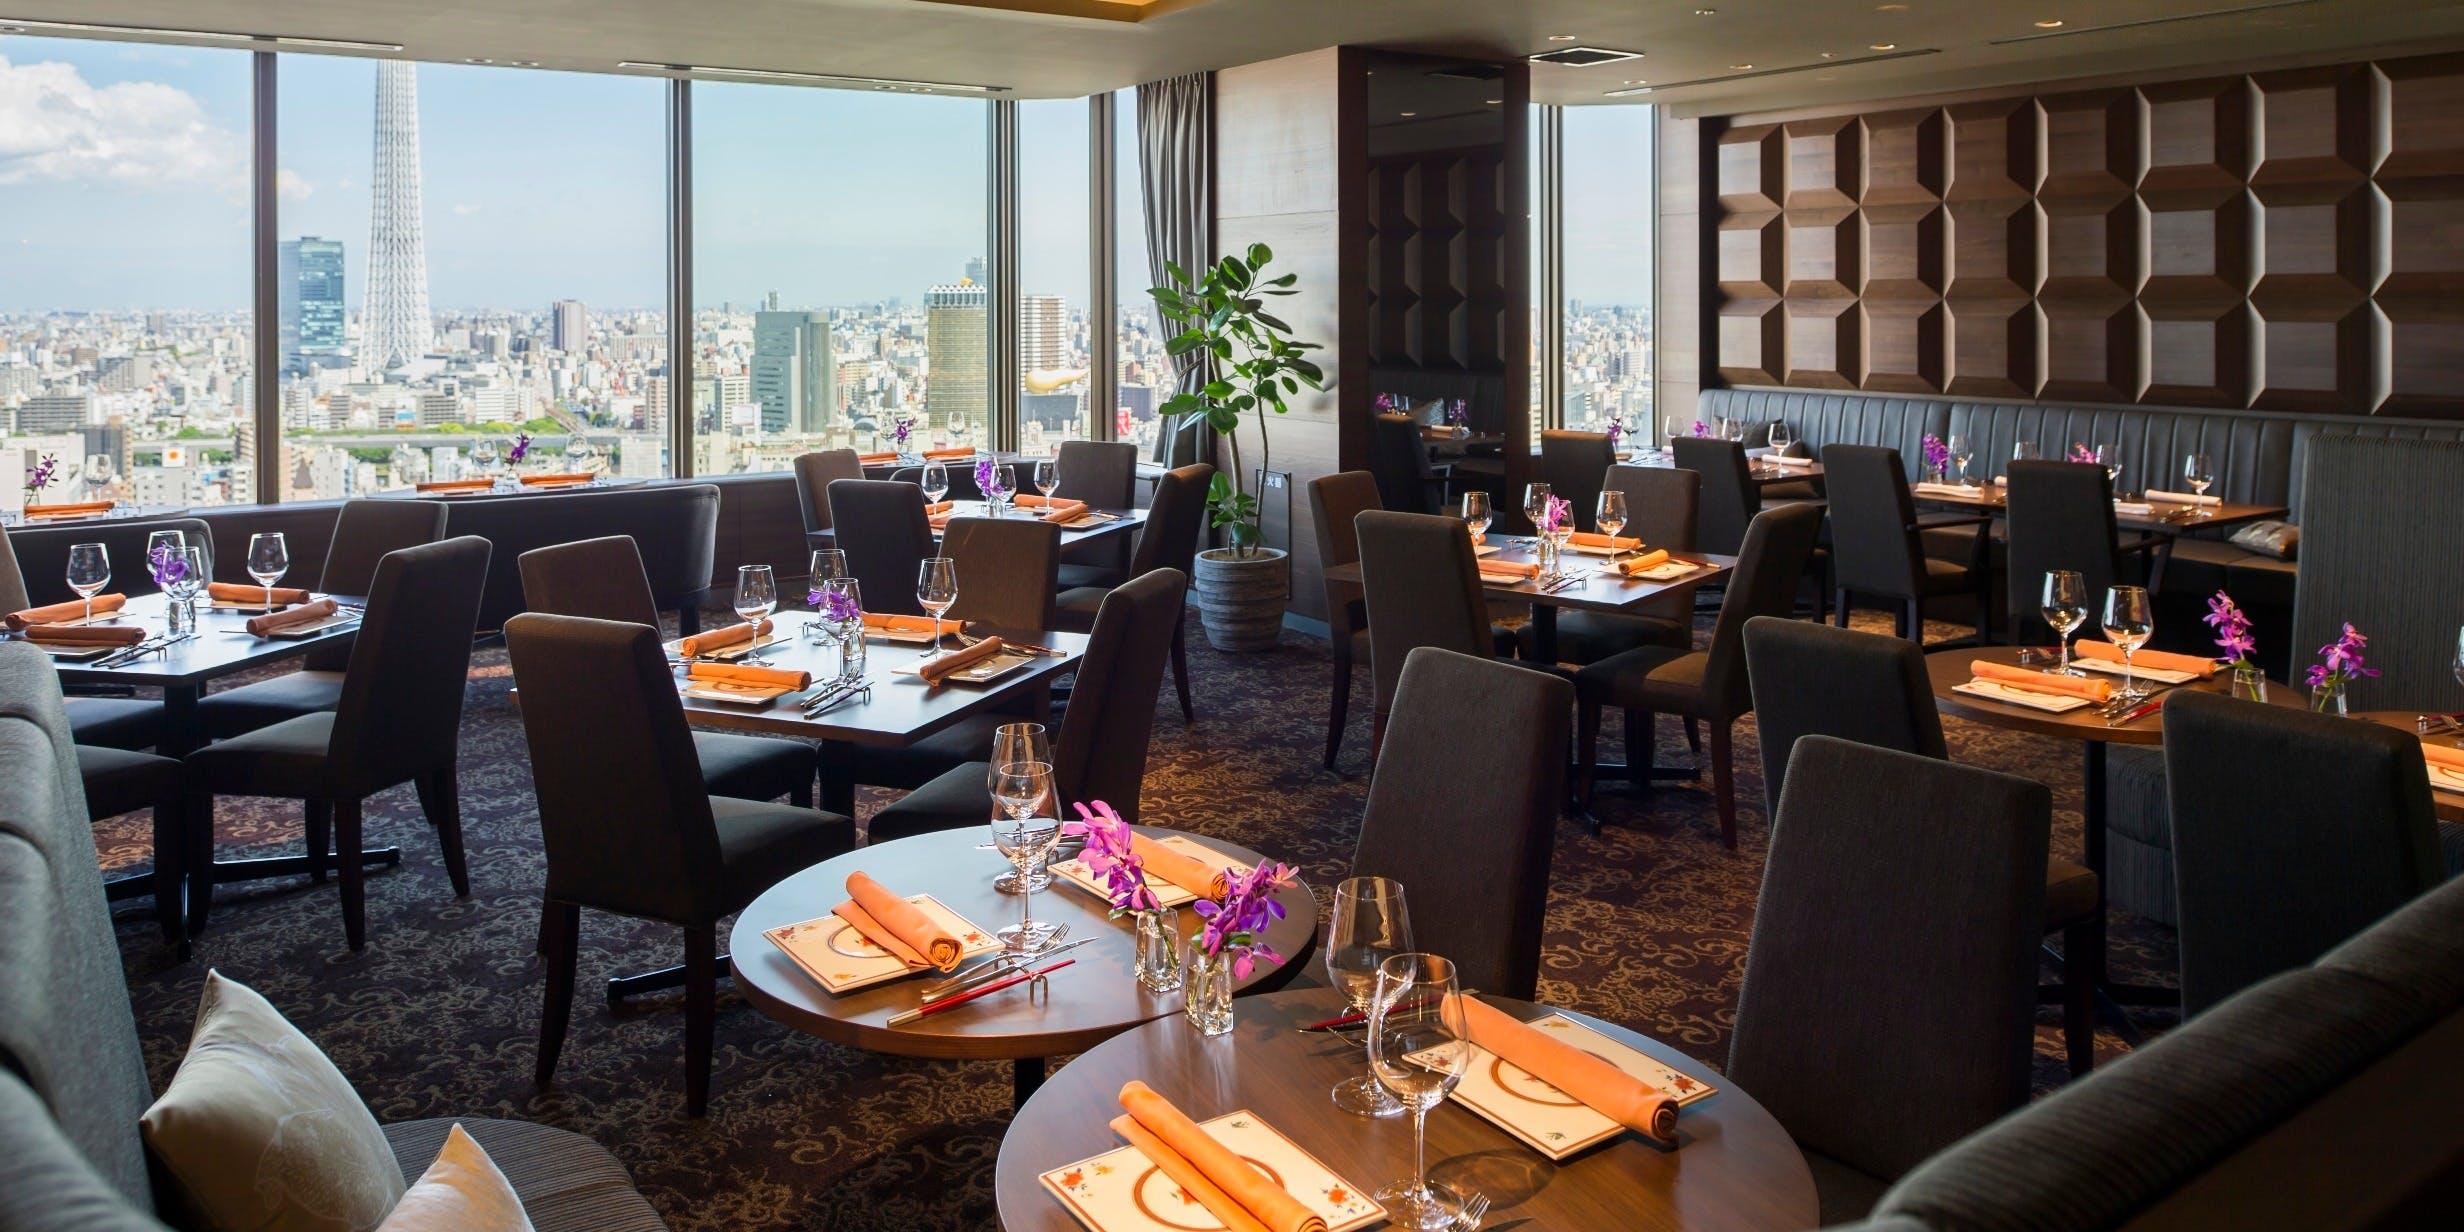 記念日におすすめのレストラン・THE DINING シノワ 唐紅花&鉄板フレンチ 蒔絵/浅草ビューホテル27Fの写真1